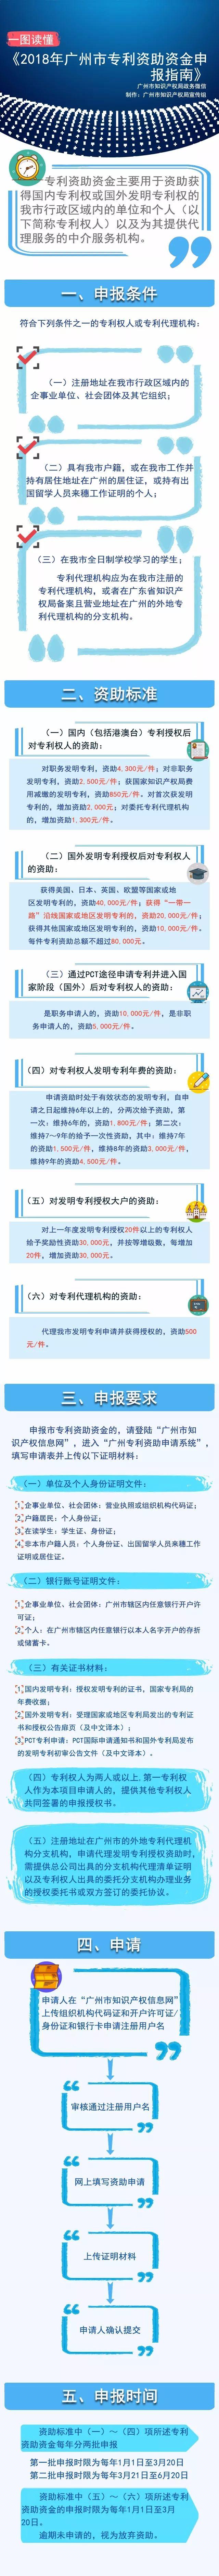 一图读懂《2018年广州市专利资助资金申报指南》